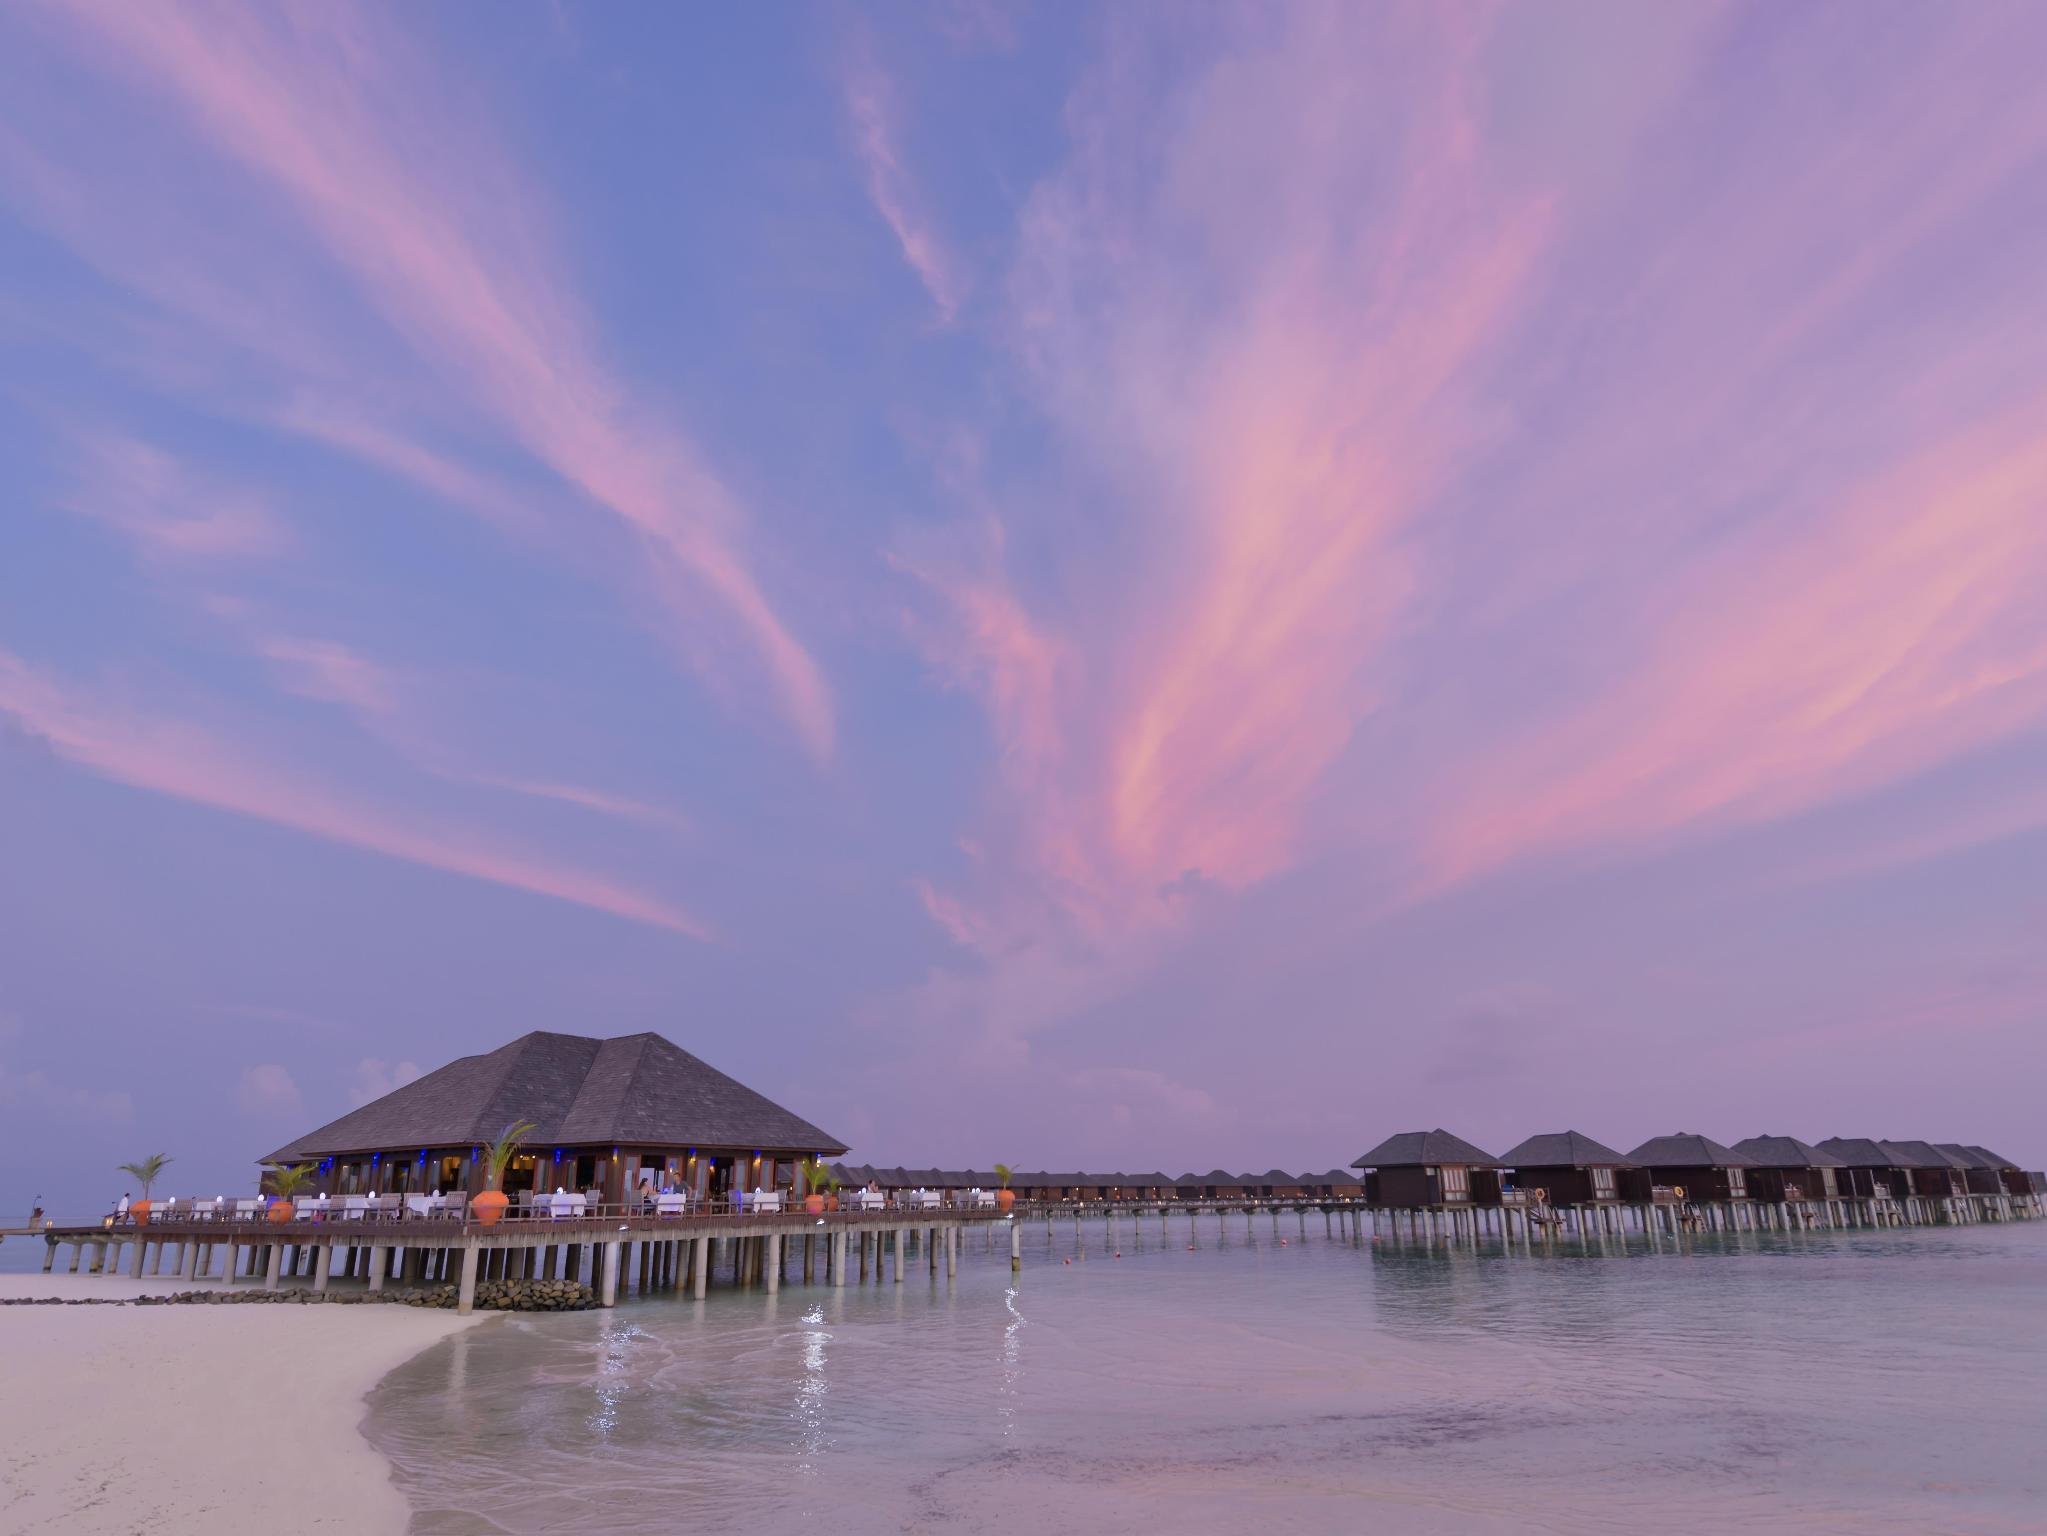 双鱼岛海滩温泉度假村